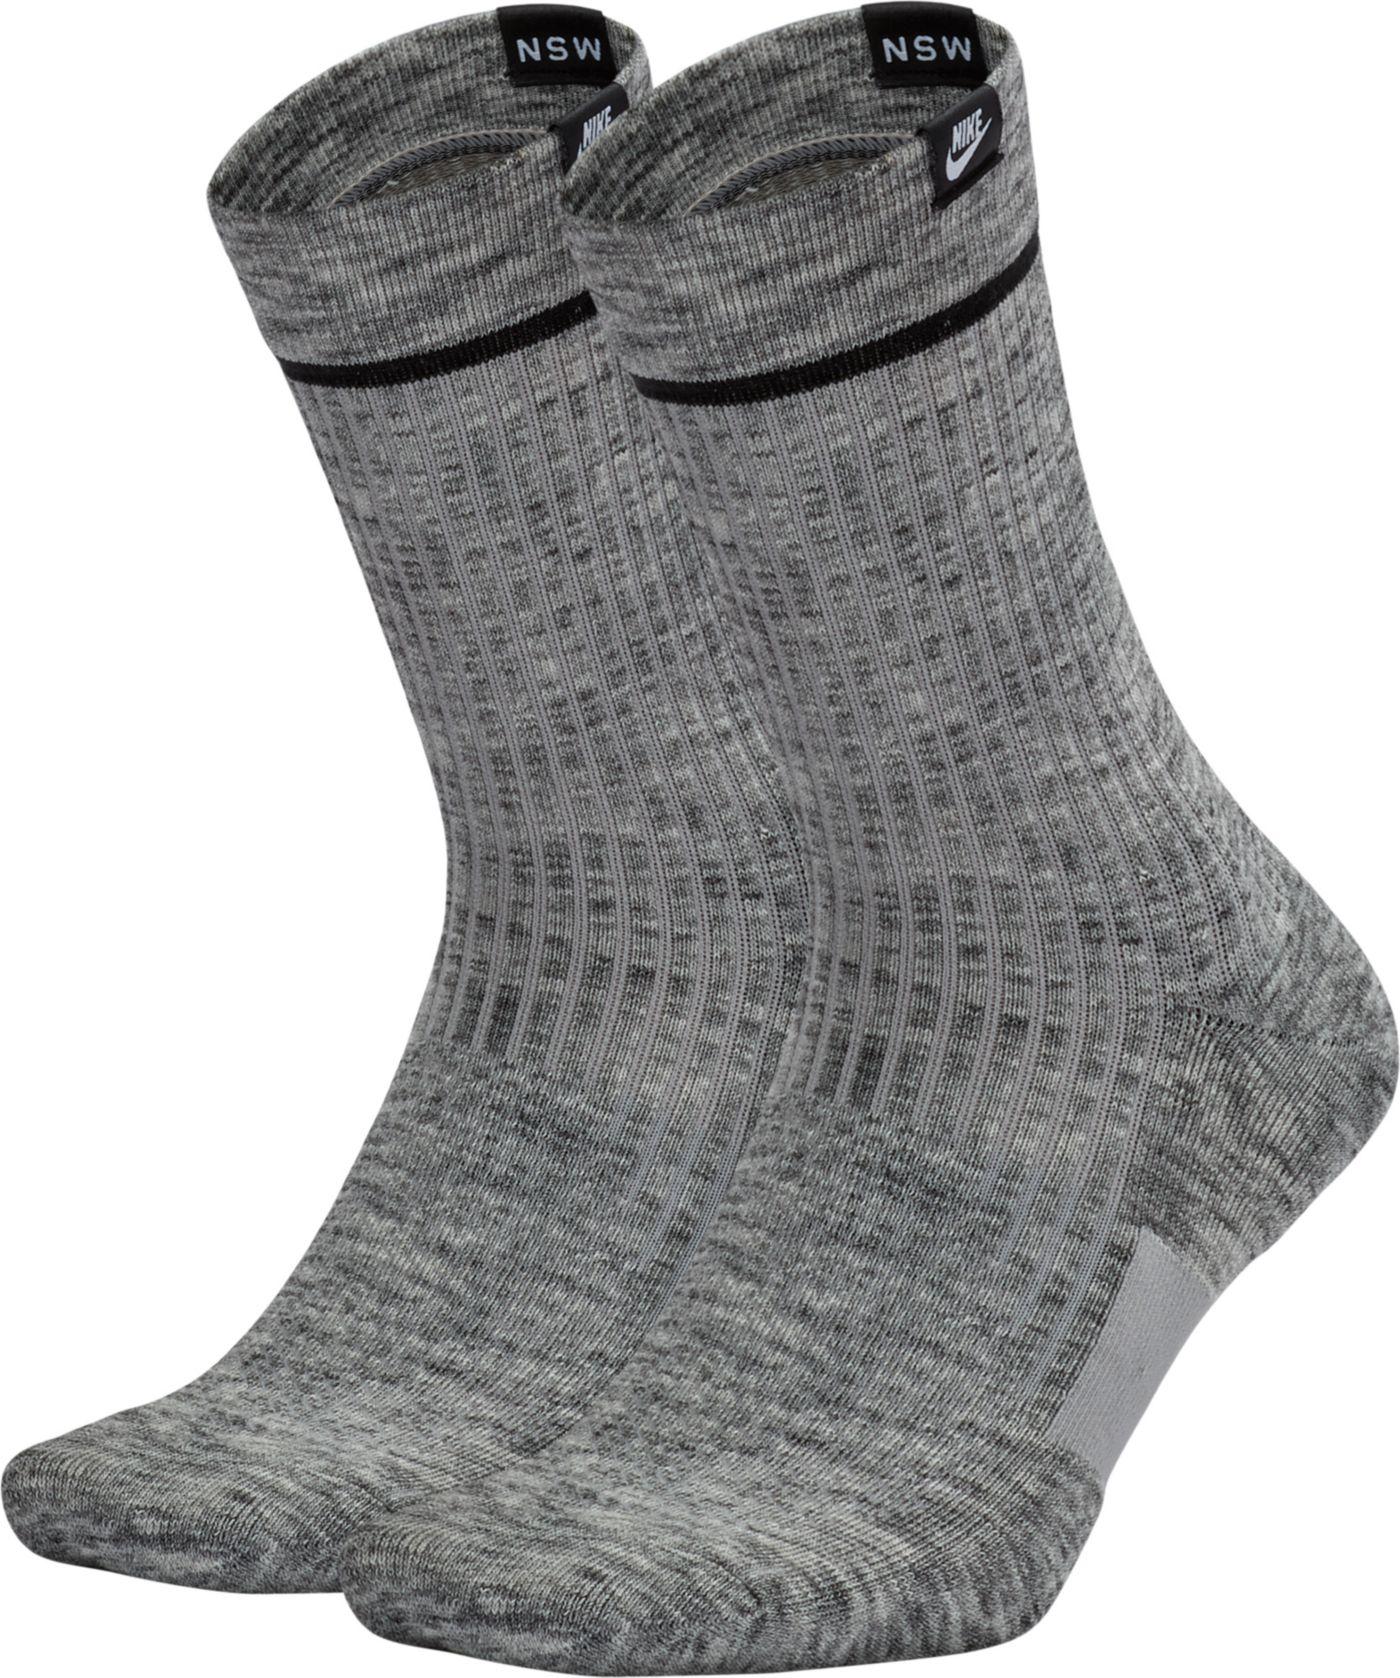 Nike Sneaker Sox Essential Crew Socks 2 Pack